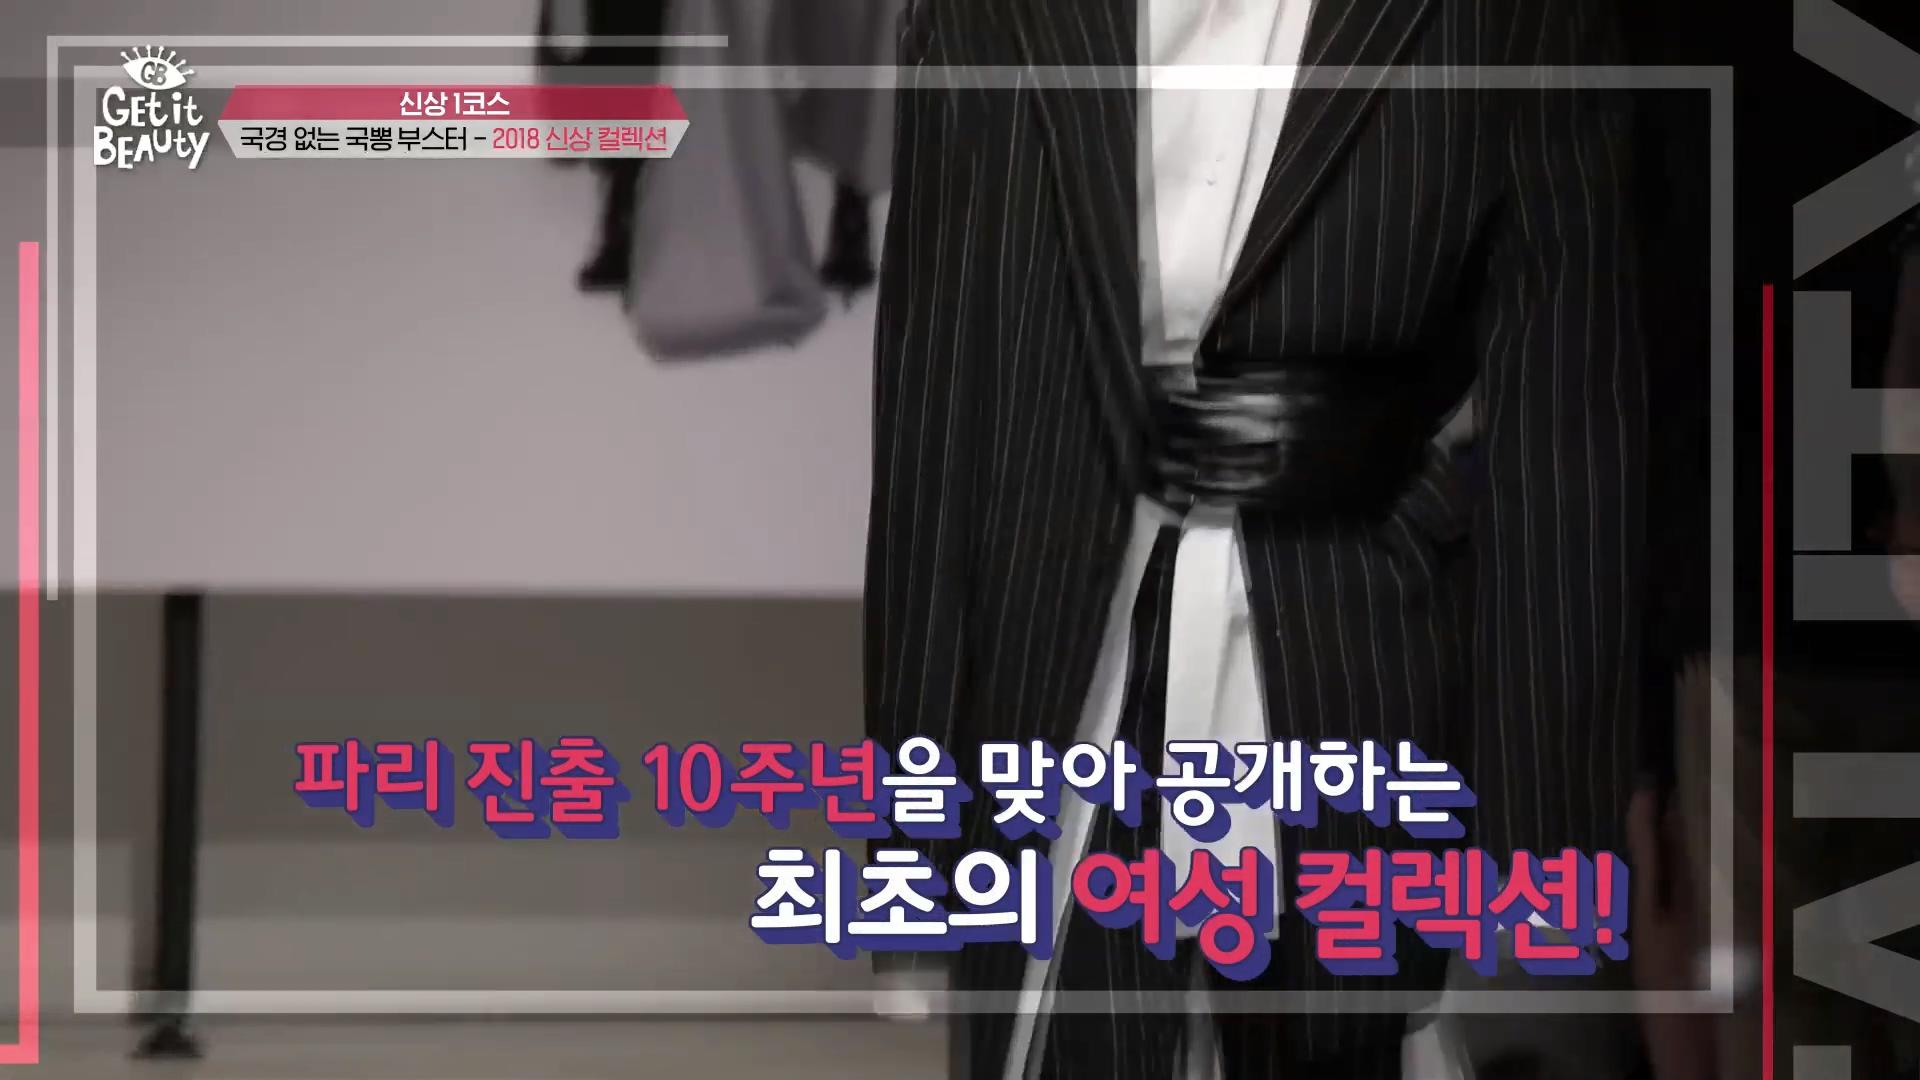 정욱준은 클래식을 재해석하는 한국의 디자이너인데요. 정교한 테일러링을 기반으로 남성복을 선보이던 그가 파리 진출 10주년을 맞아 공개하는 최초의 여성 컬렉션이에요!